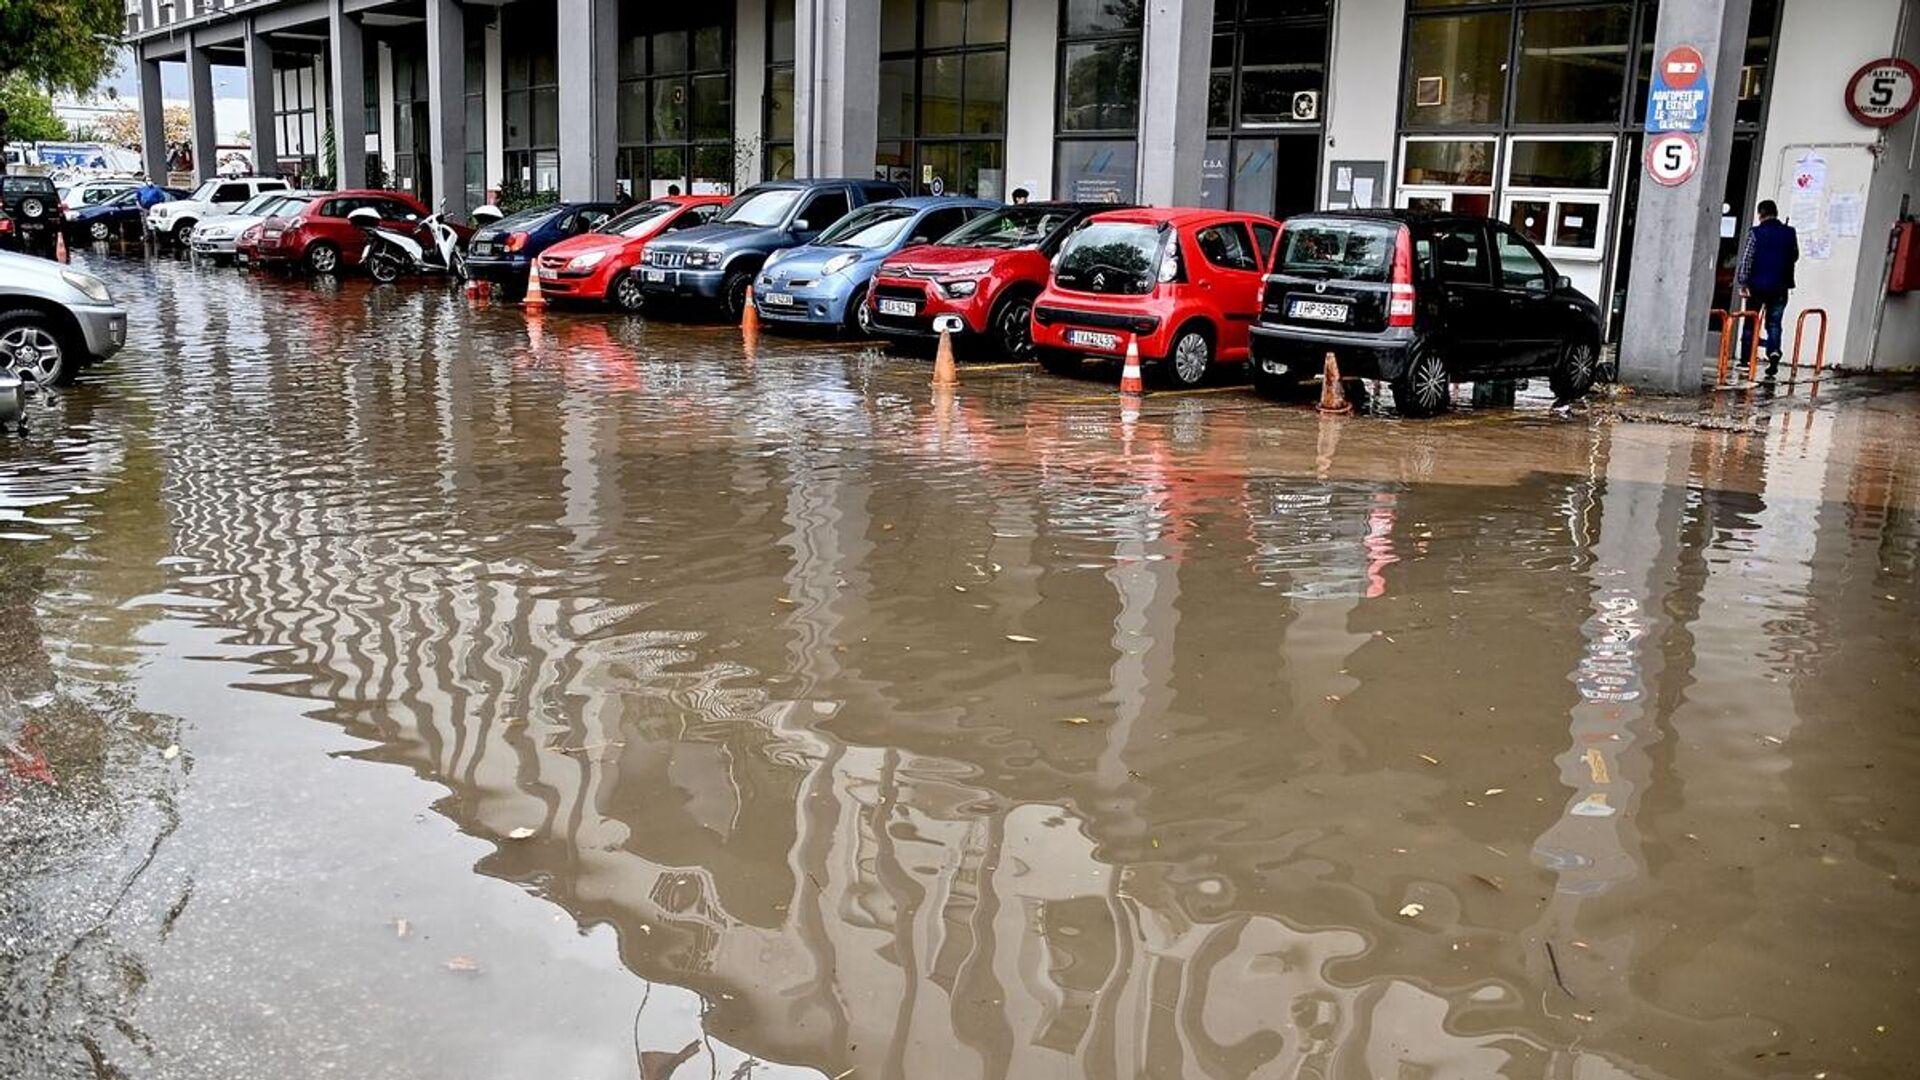 Εκτεταμένες πλημμύρες έπειτα από το πέρασμα της κακοκαιρίας «Μπάλλος» - Sputnik Ελλάδα, 1920, 14.10.2021